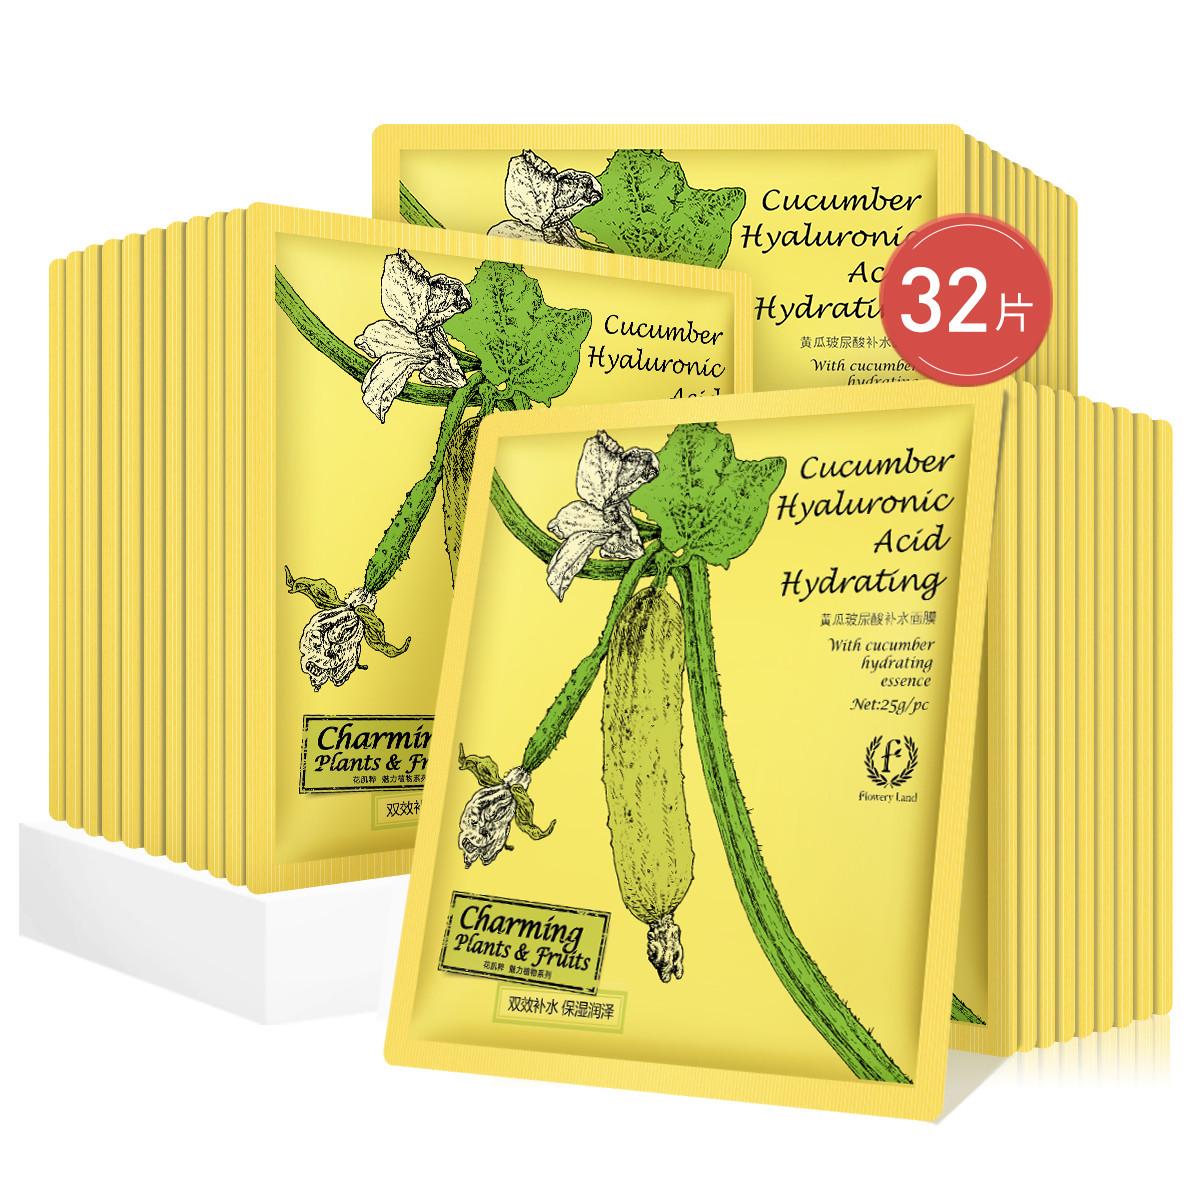 唯品会好货精选【植物精华充沛补水】黄瓜玻尿酸补水面膜套组32片保湿面膜